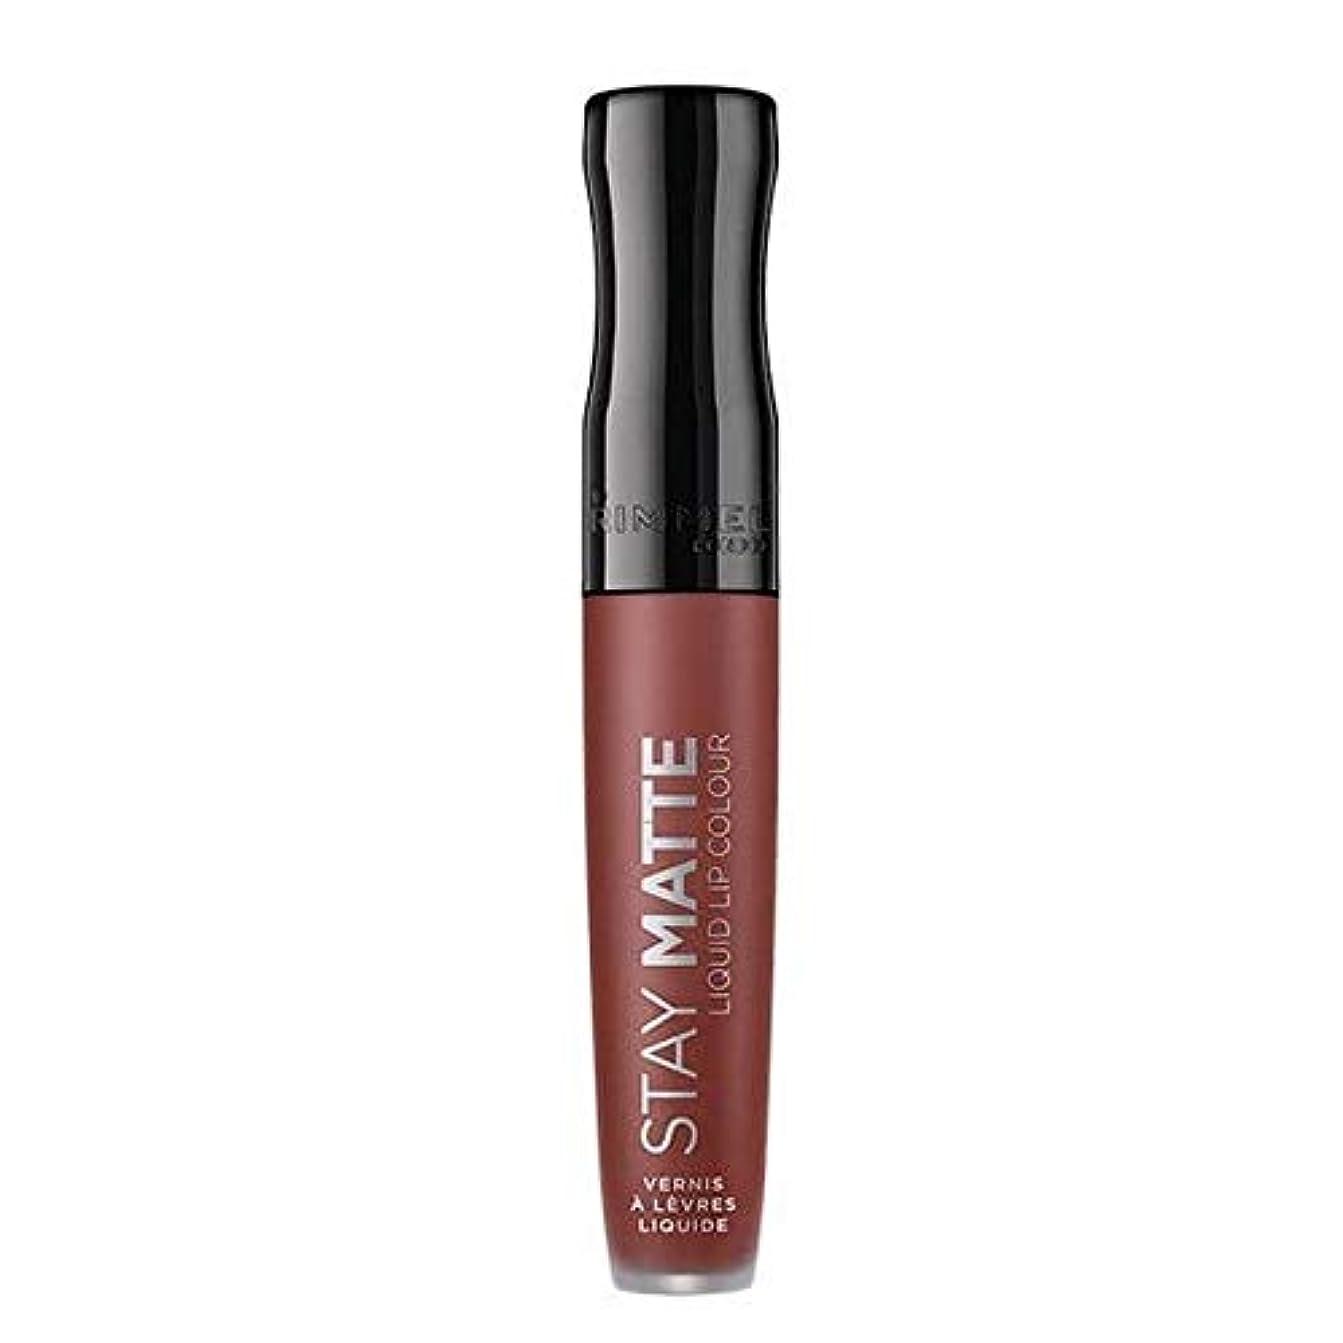 革命ドラッグ緊急[Rimmel ] リンメルステイマット液体リップ口紅のトラブル - Rimmel Stay Matte Liquid Lip Lipstick Troublemaker [並行輸入品]